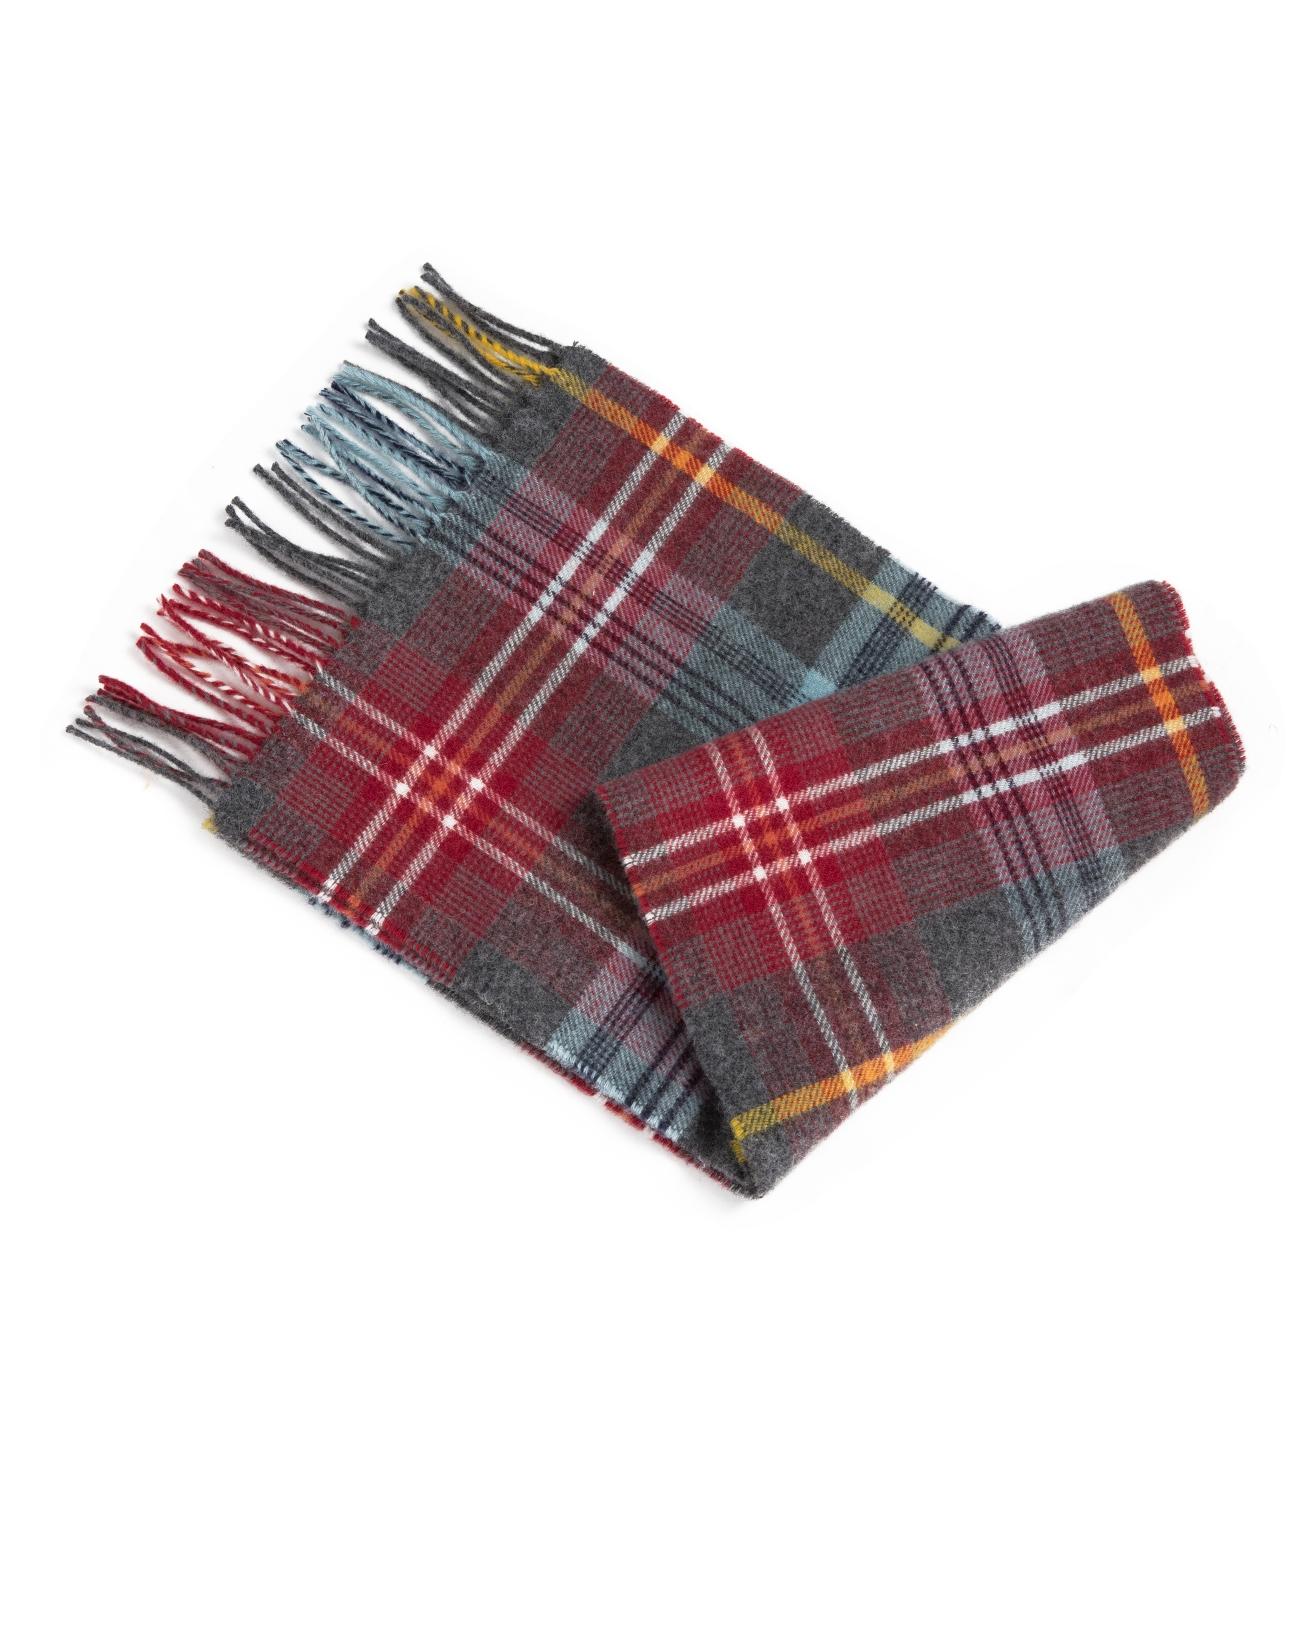 5864_lambswool tartan scarf_insch_aw17.jpg